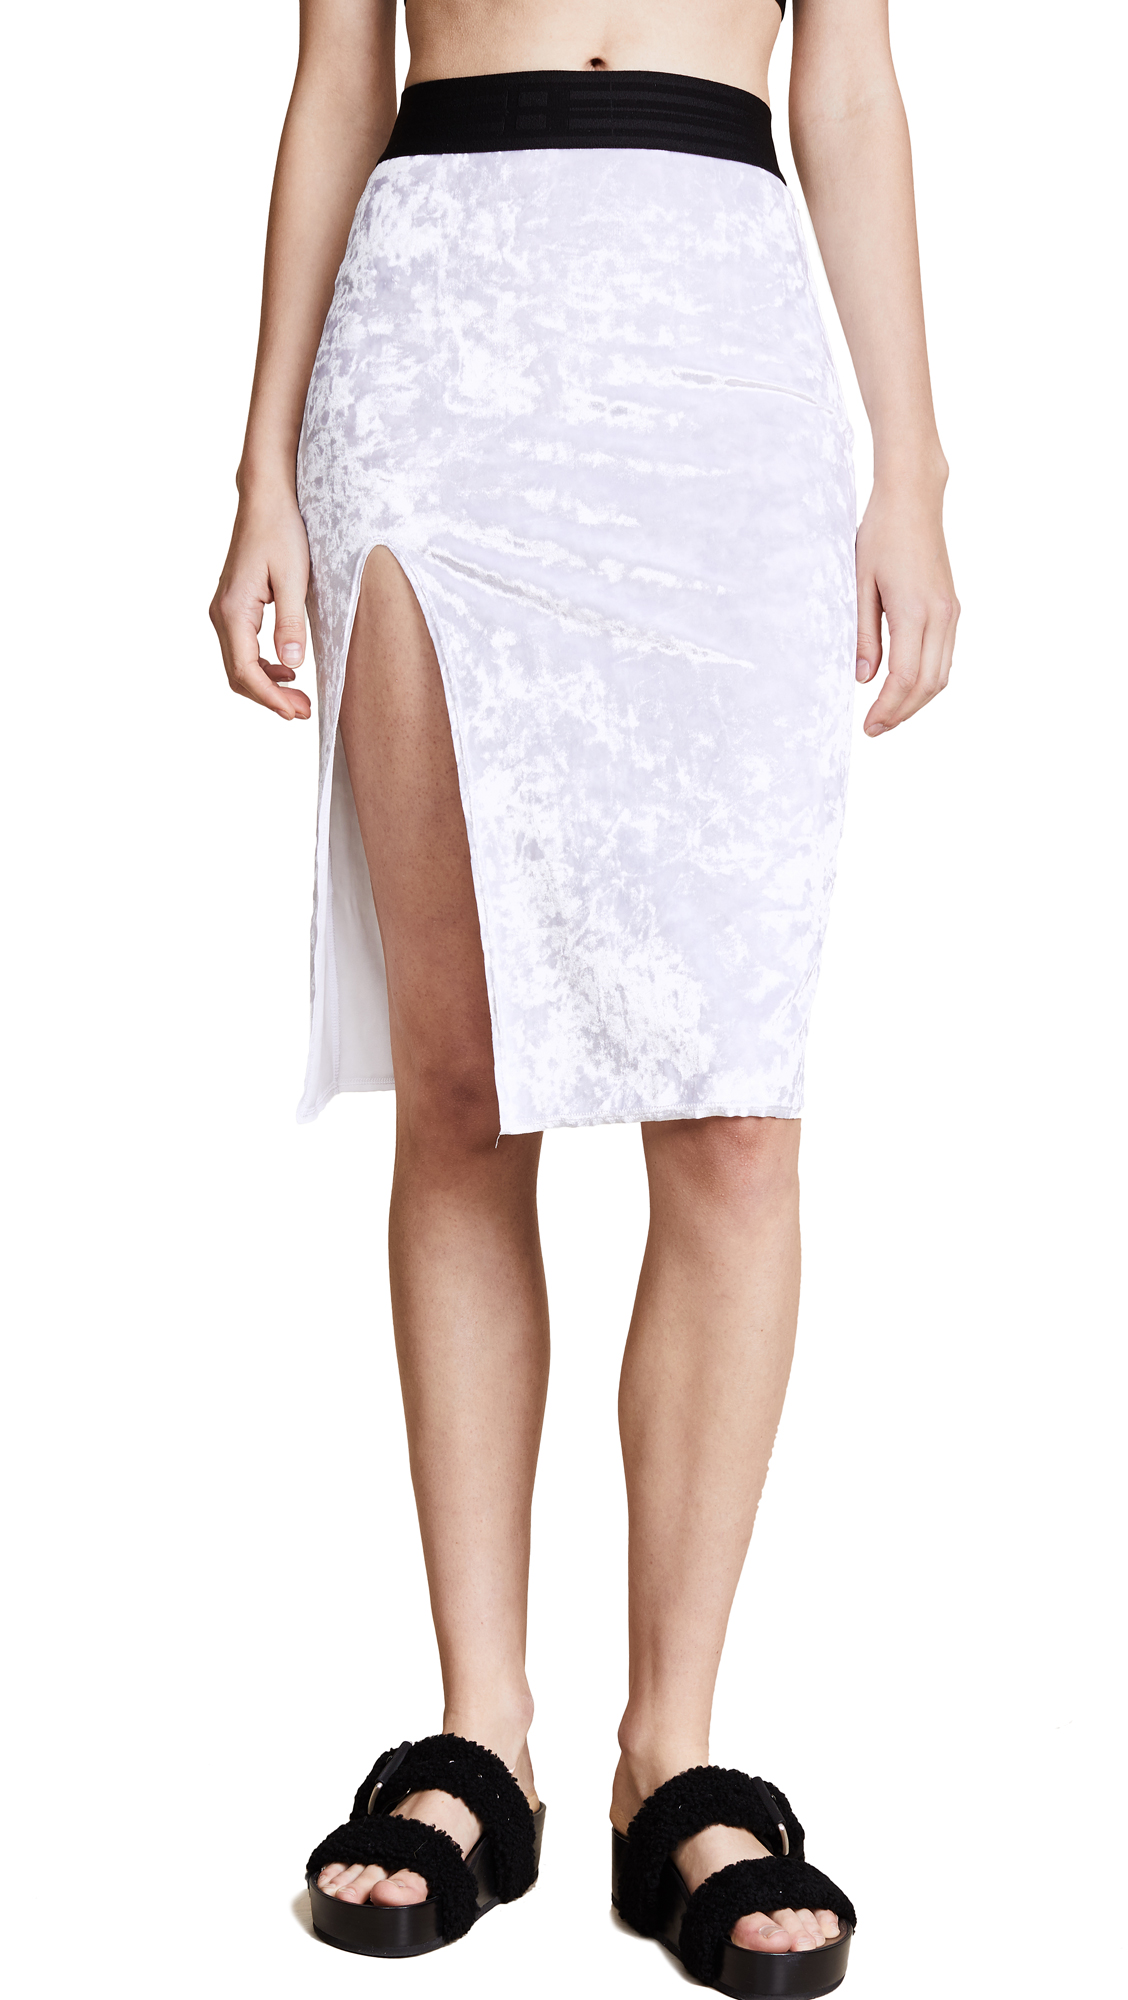 Baja East Velour Skirt - Pearl